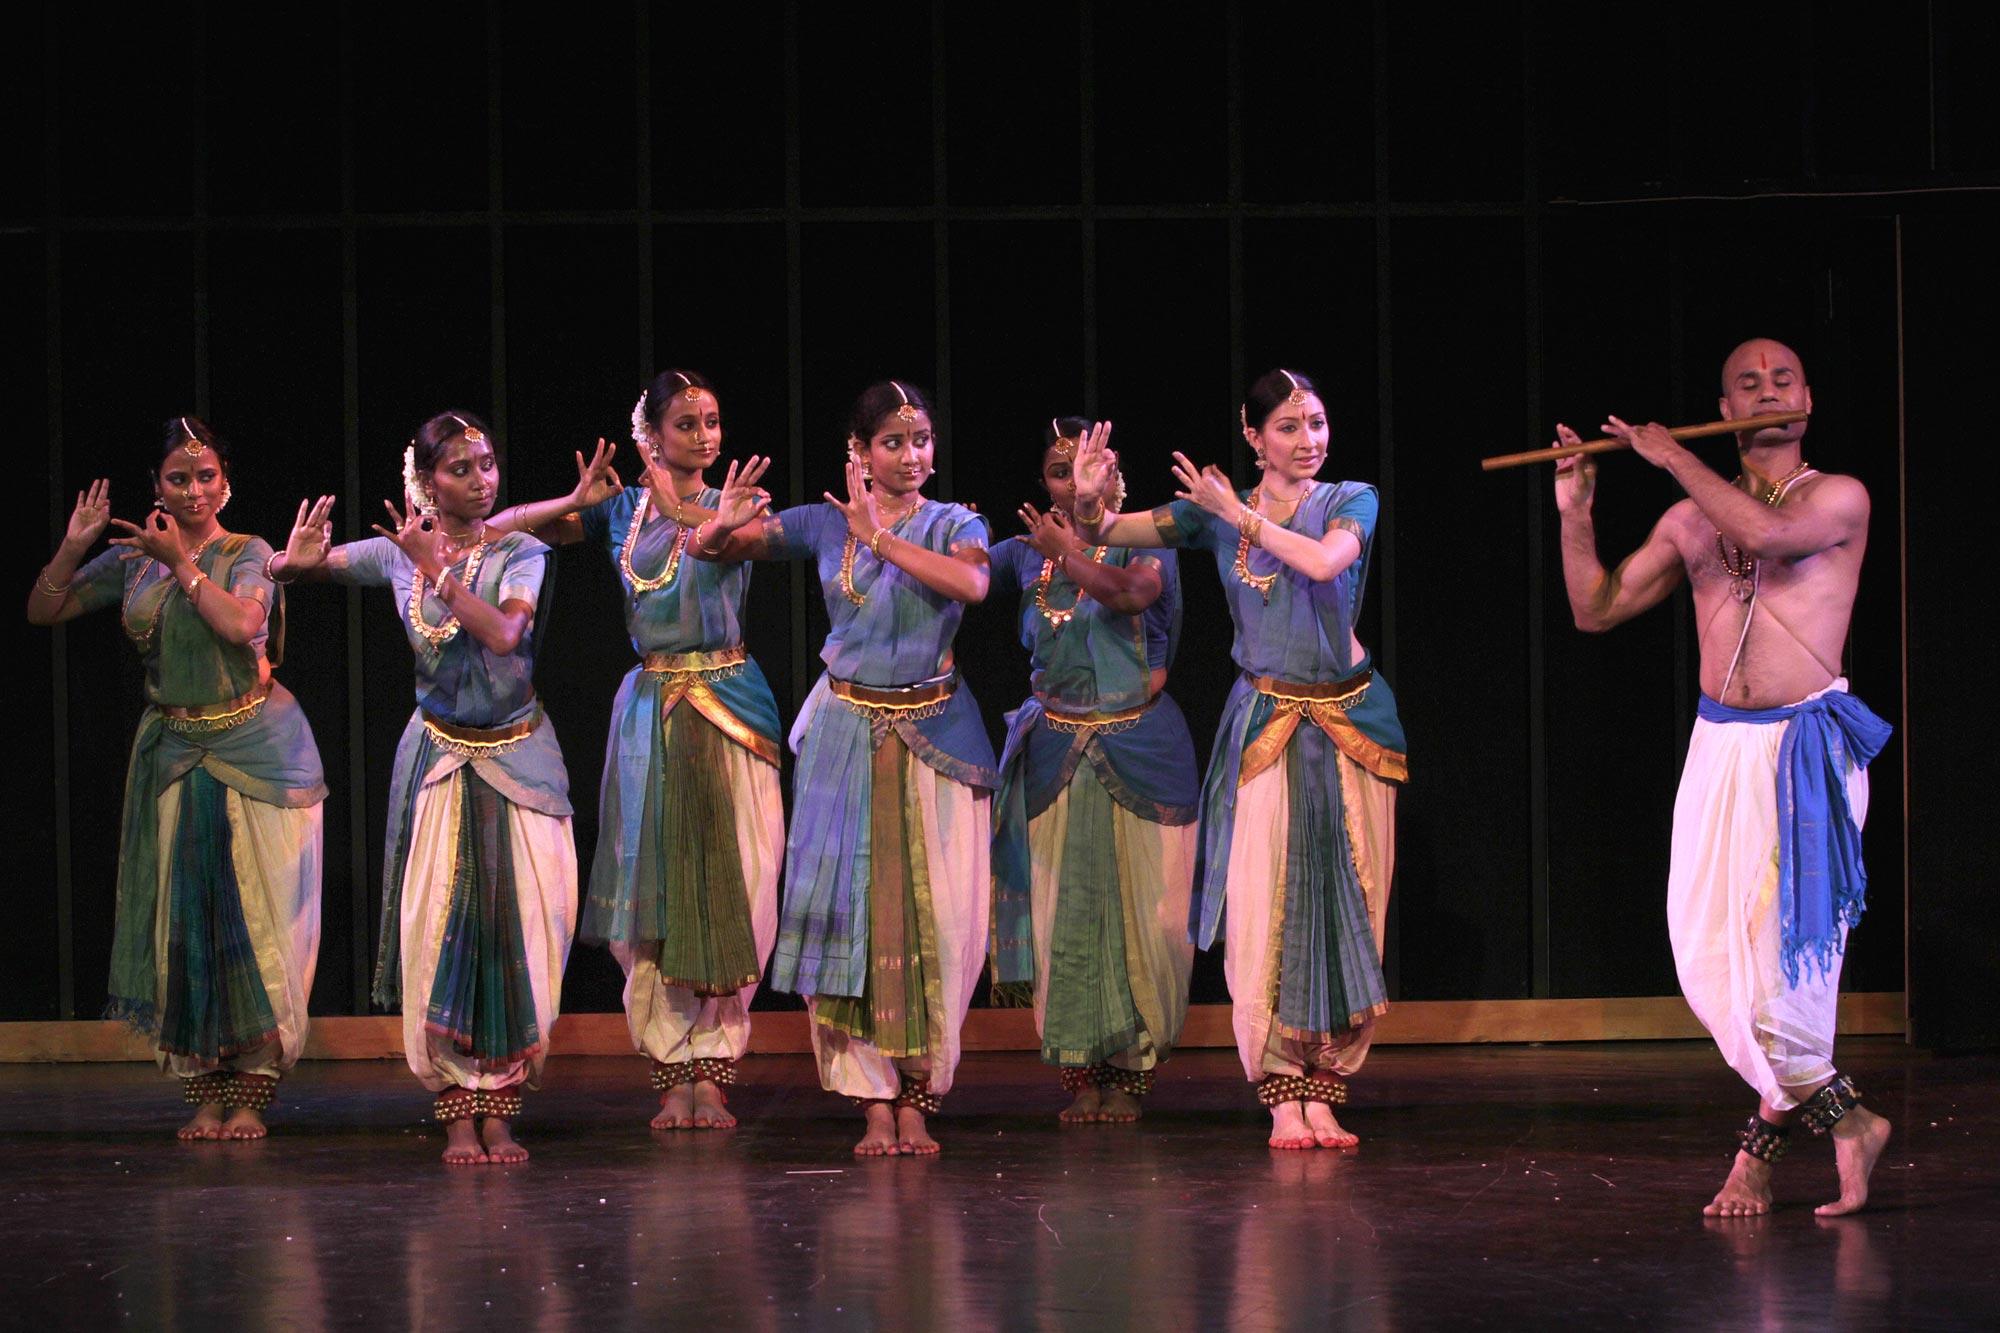 யதார்த்தாவின் 'யமுனா சூத்ரா' நாட்டிய விழா